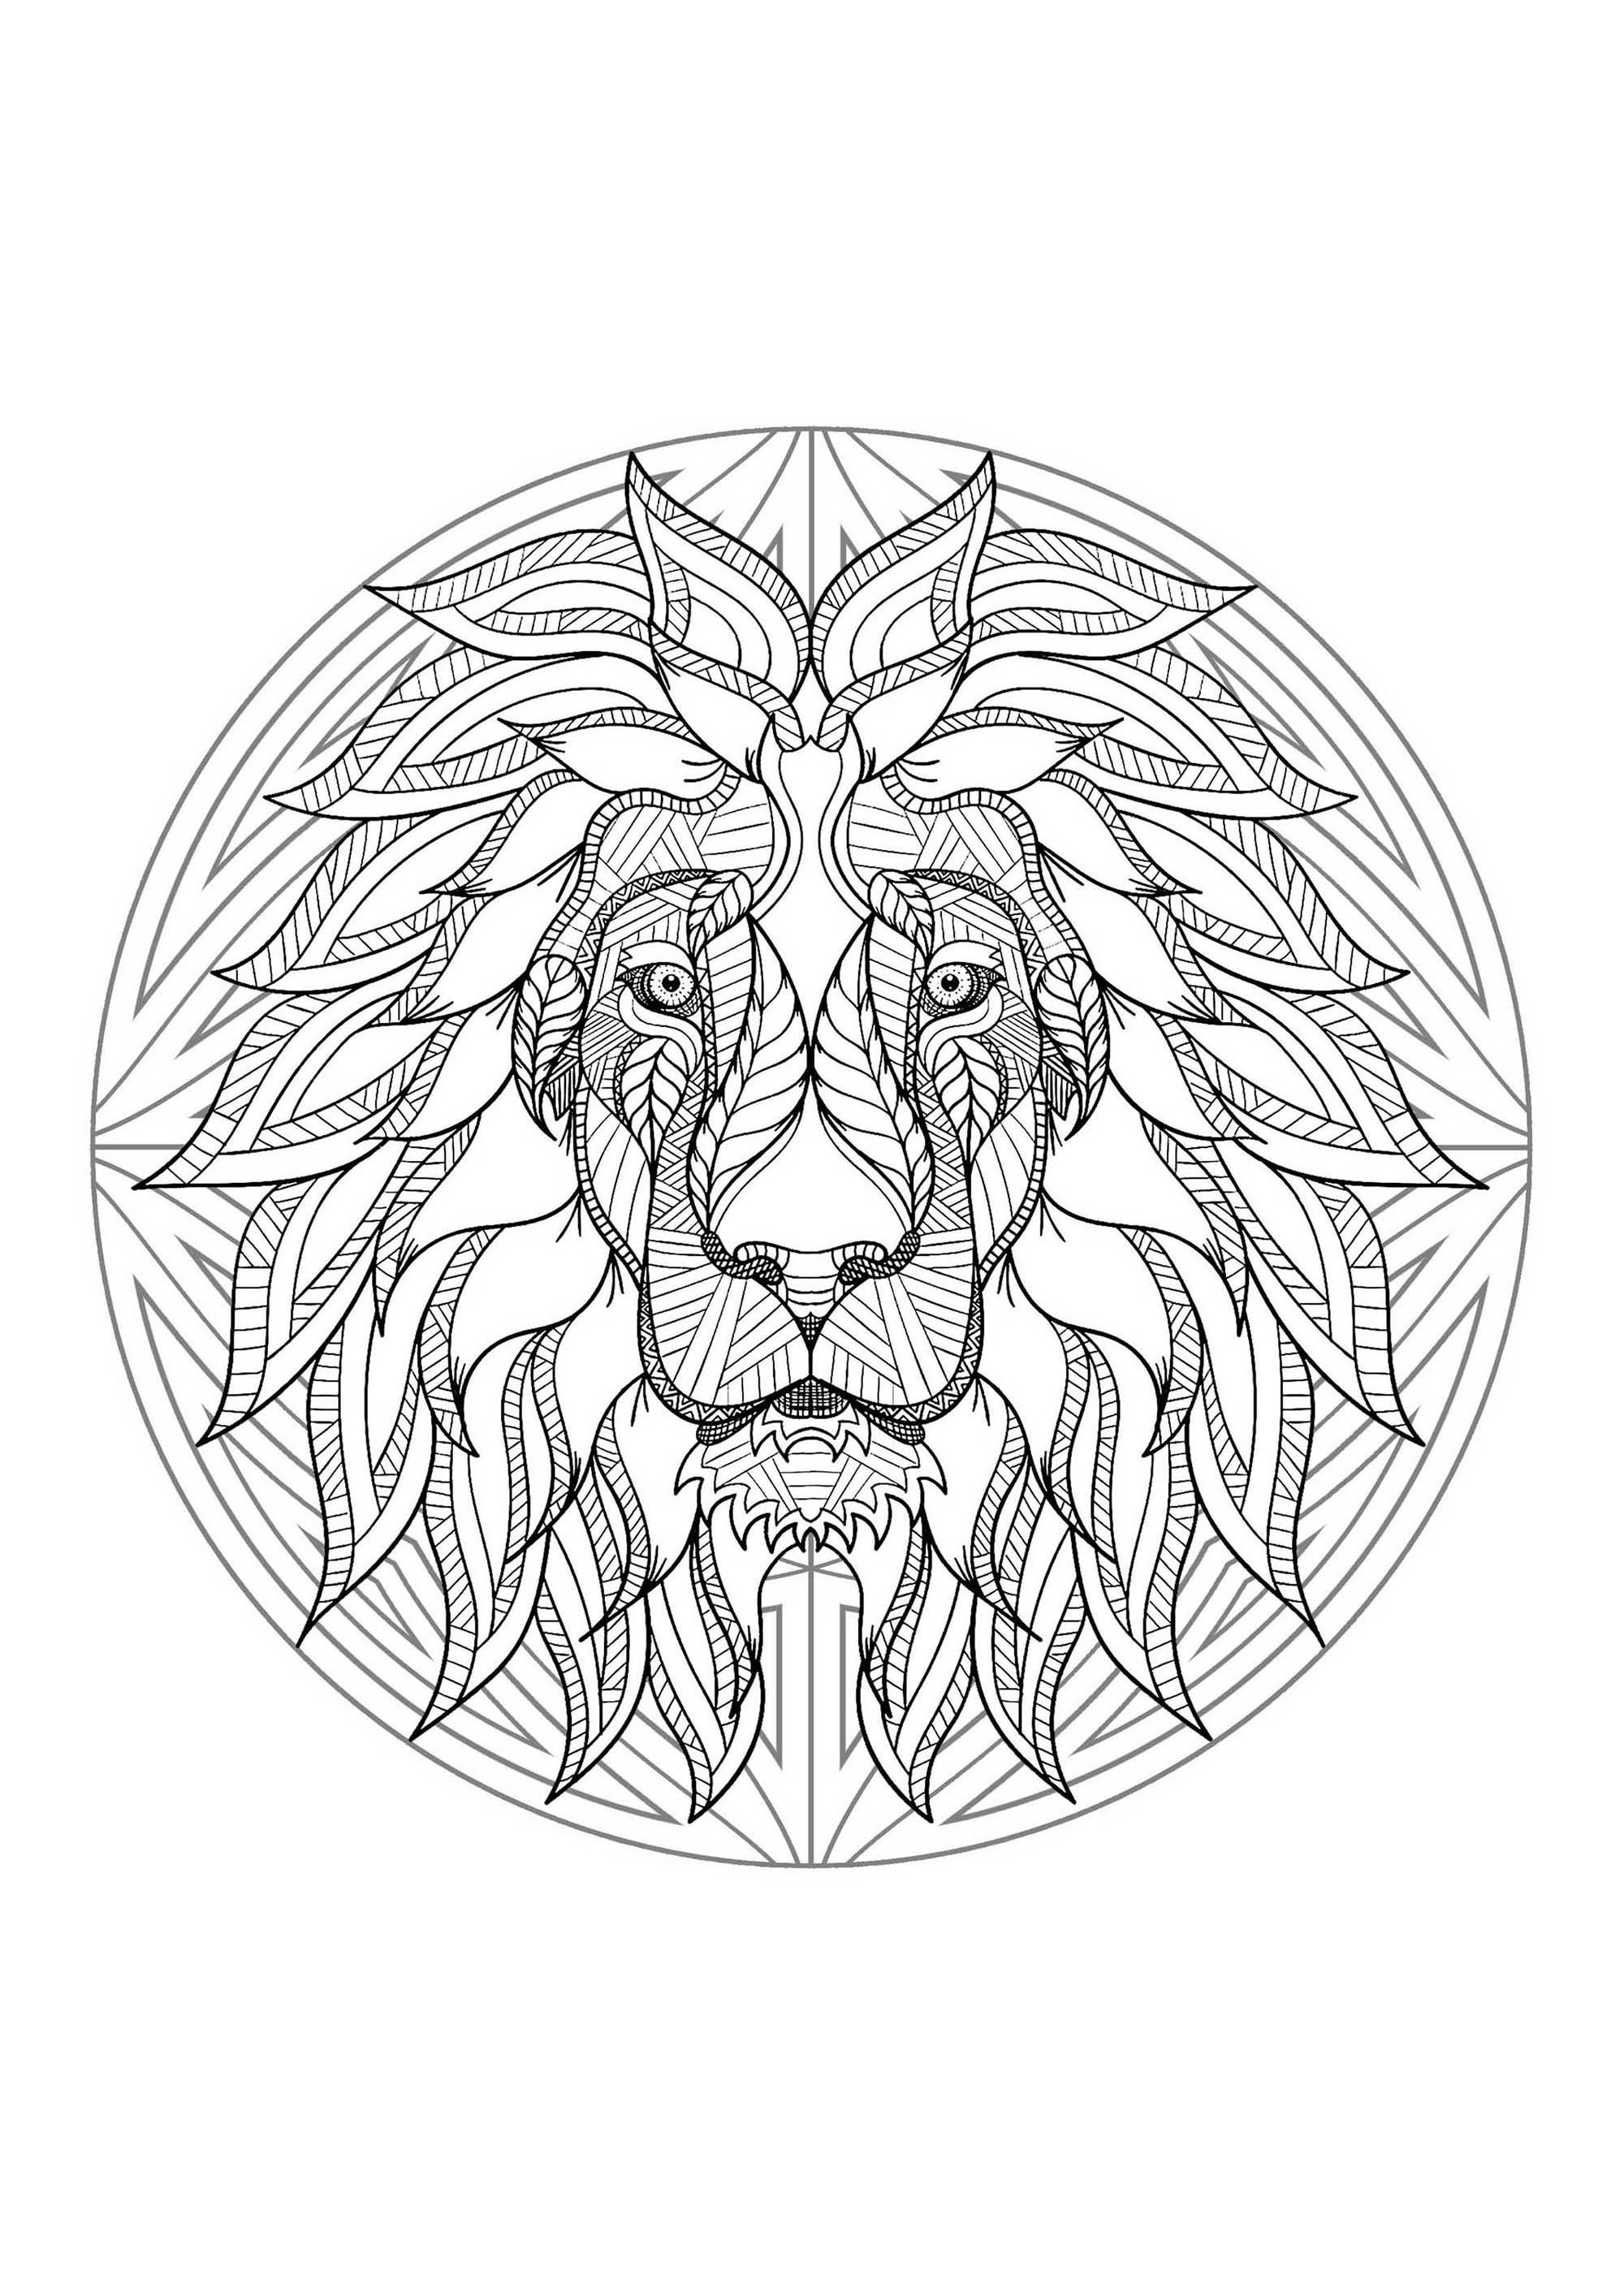 Mandala With Beautiful Lion Head And Geometric Patterns